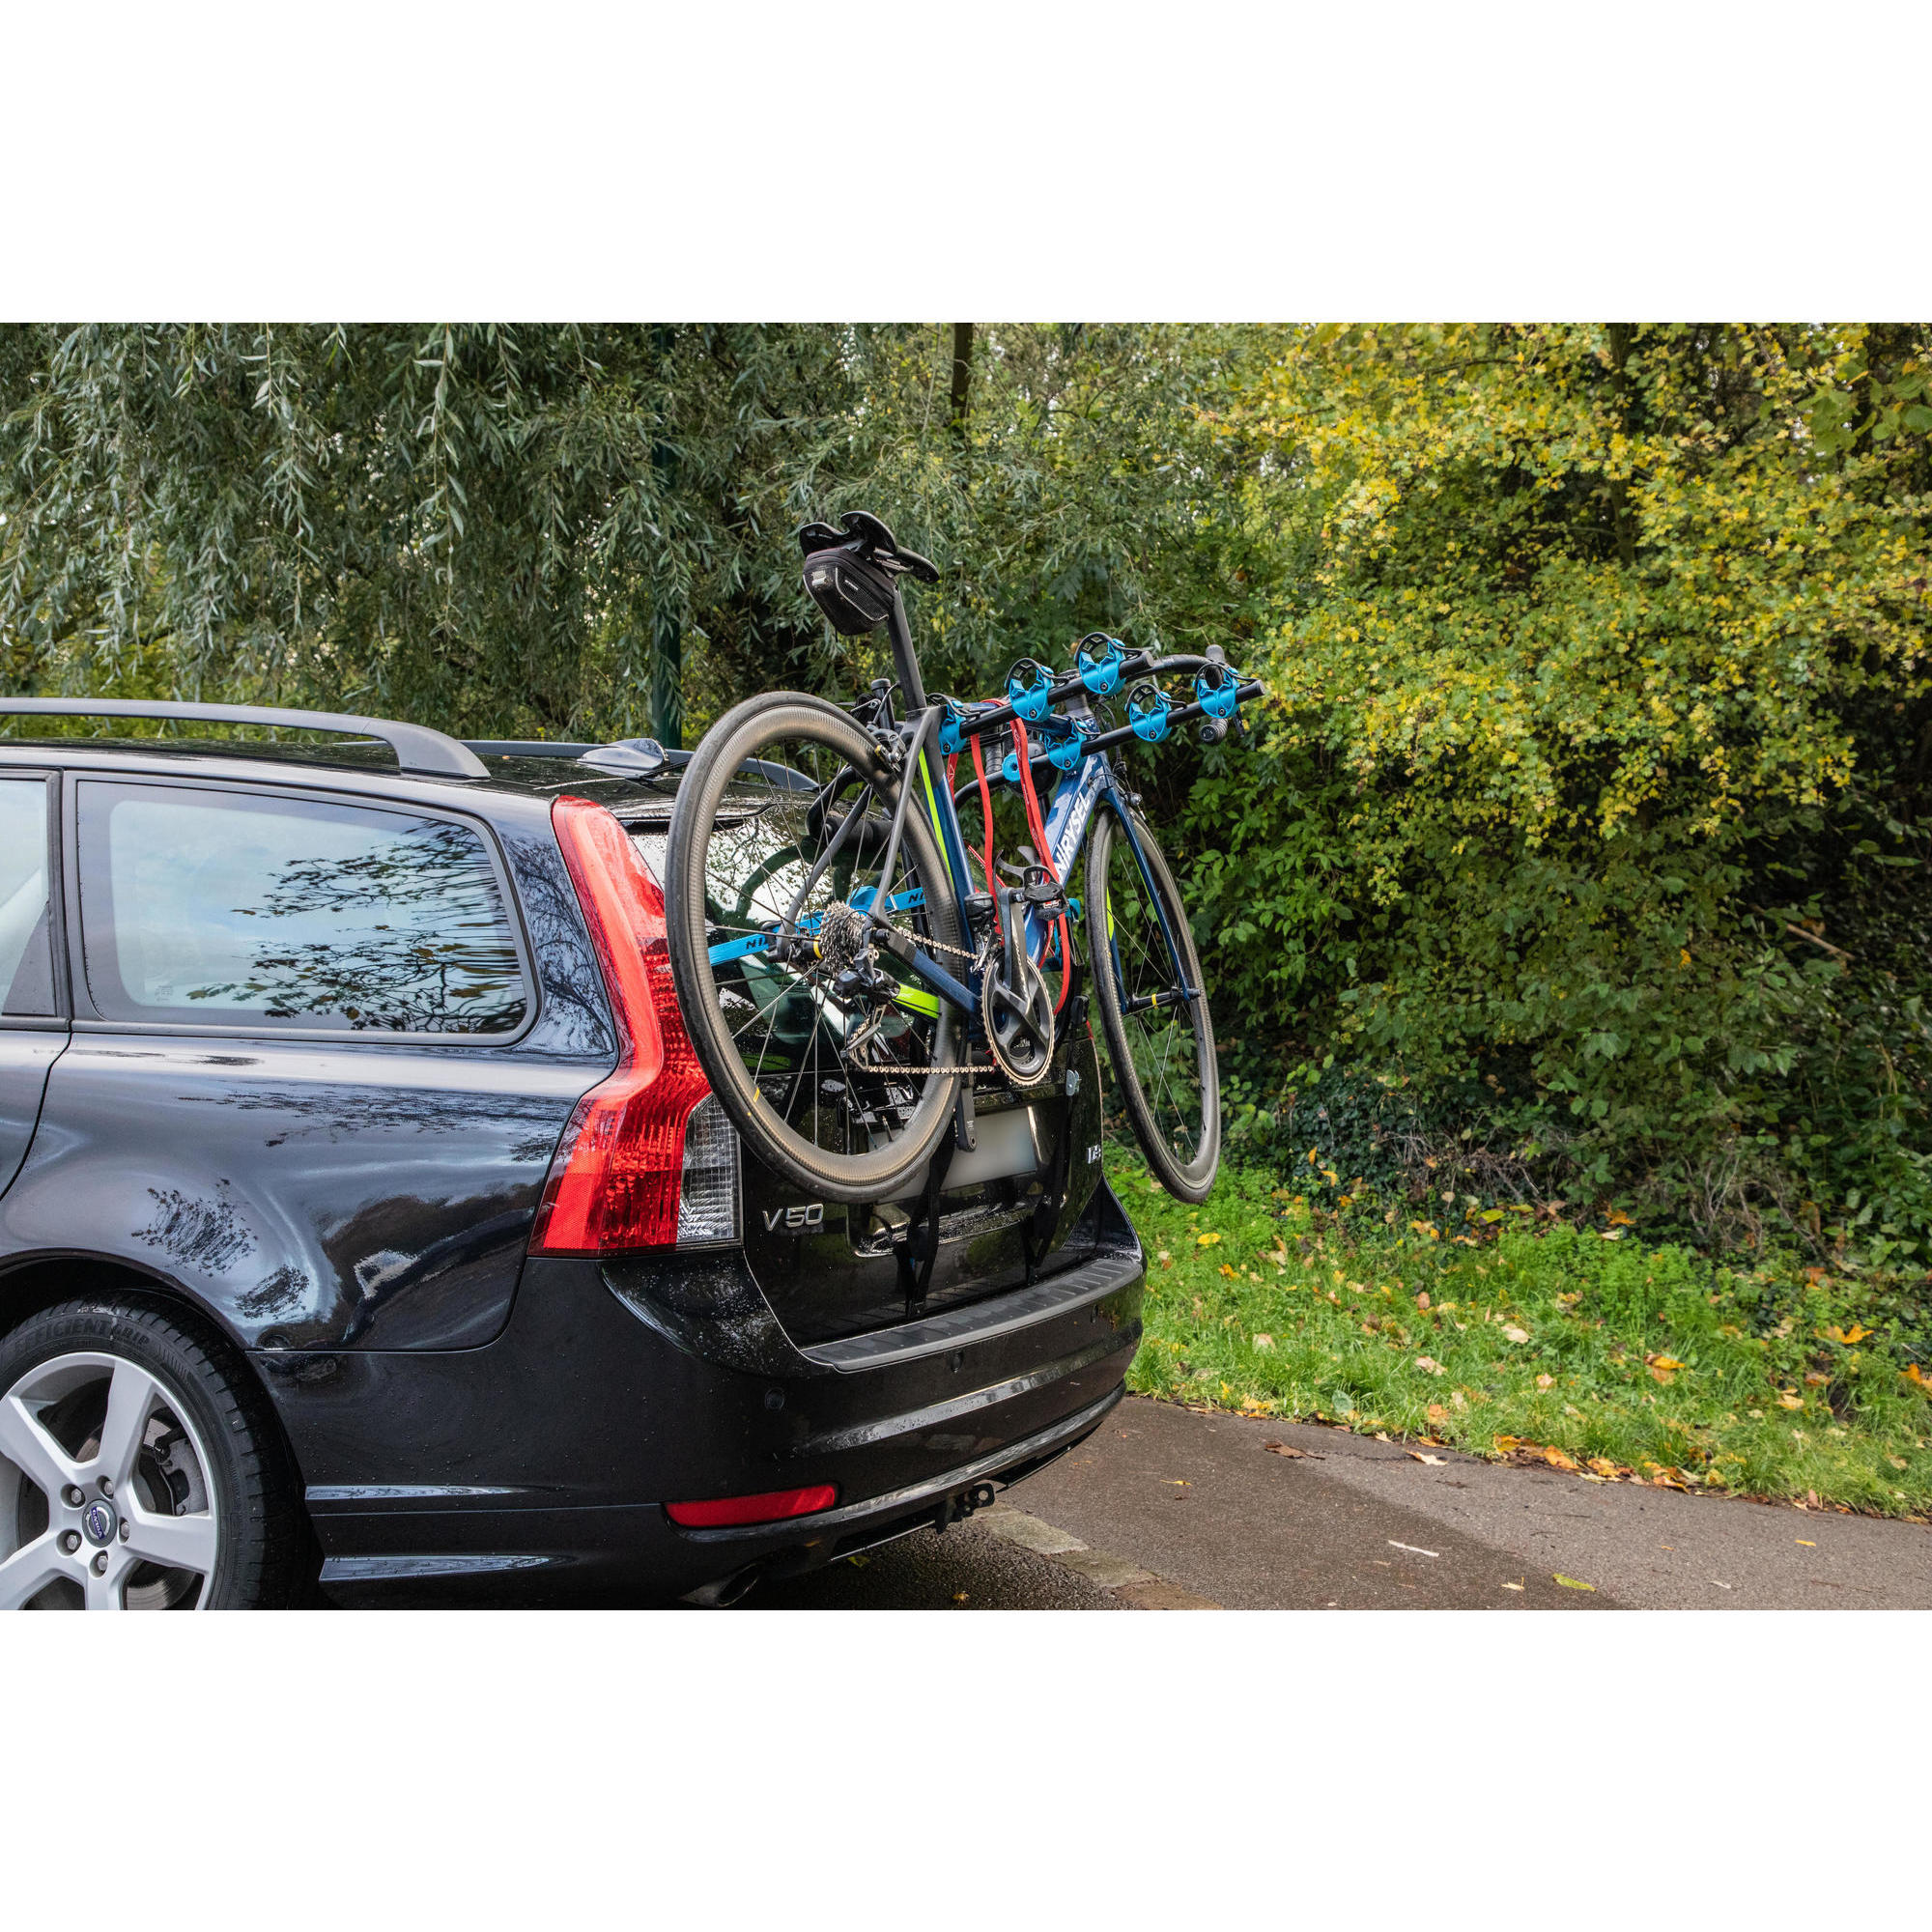 VW Tiguan II Année AB 2016 Porte-vélos sur hayon pour 3 vélos sur hayon